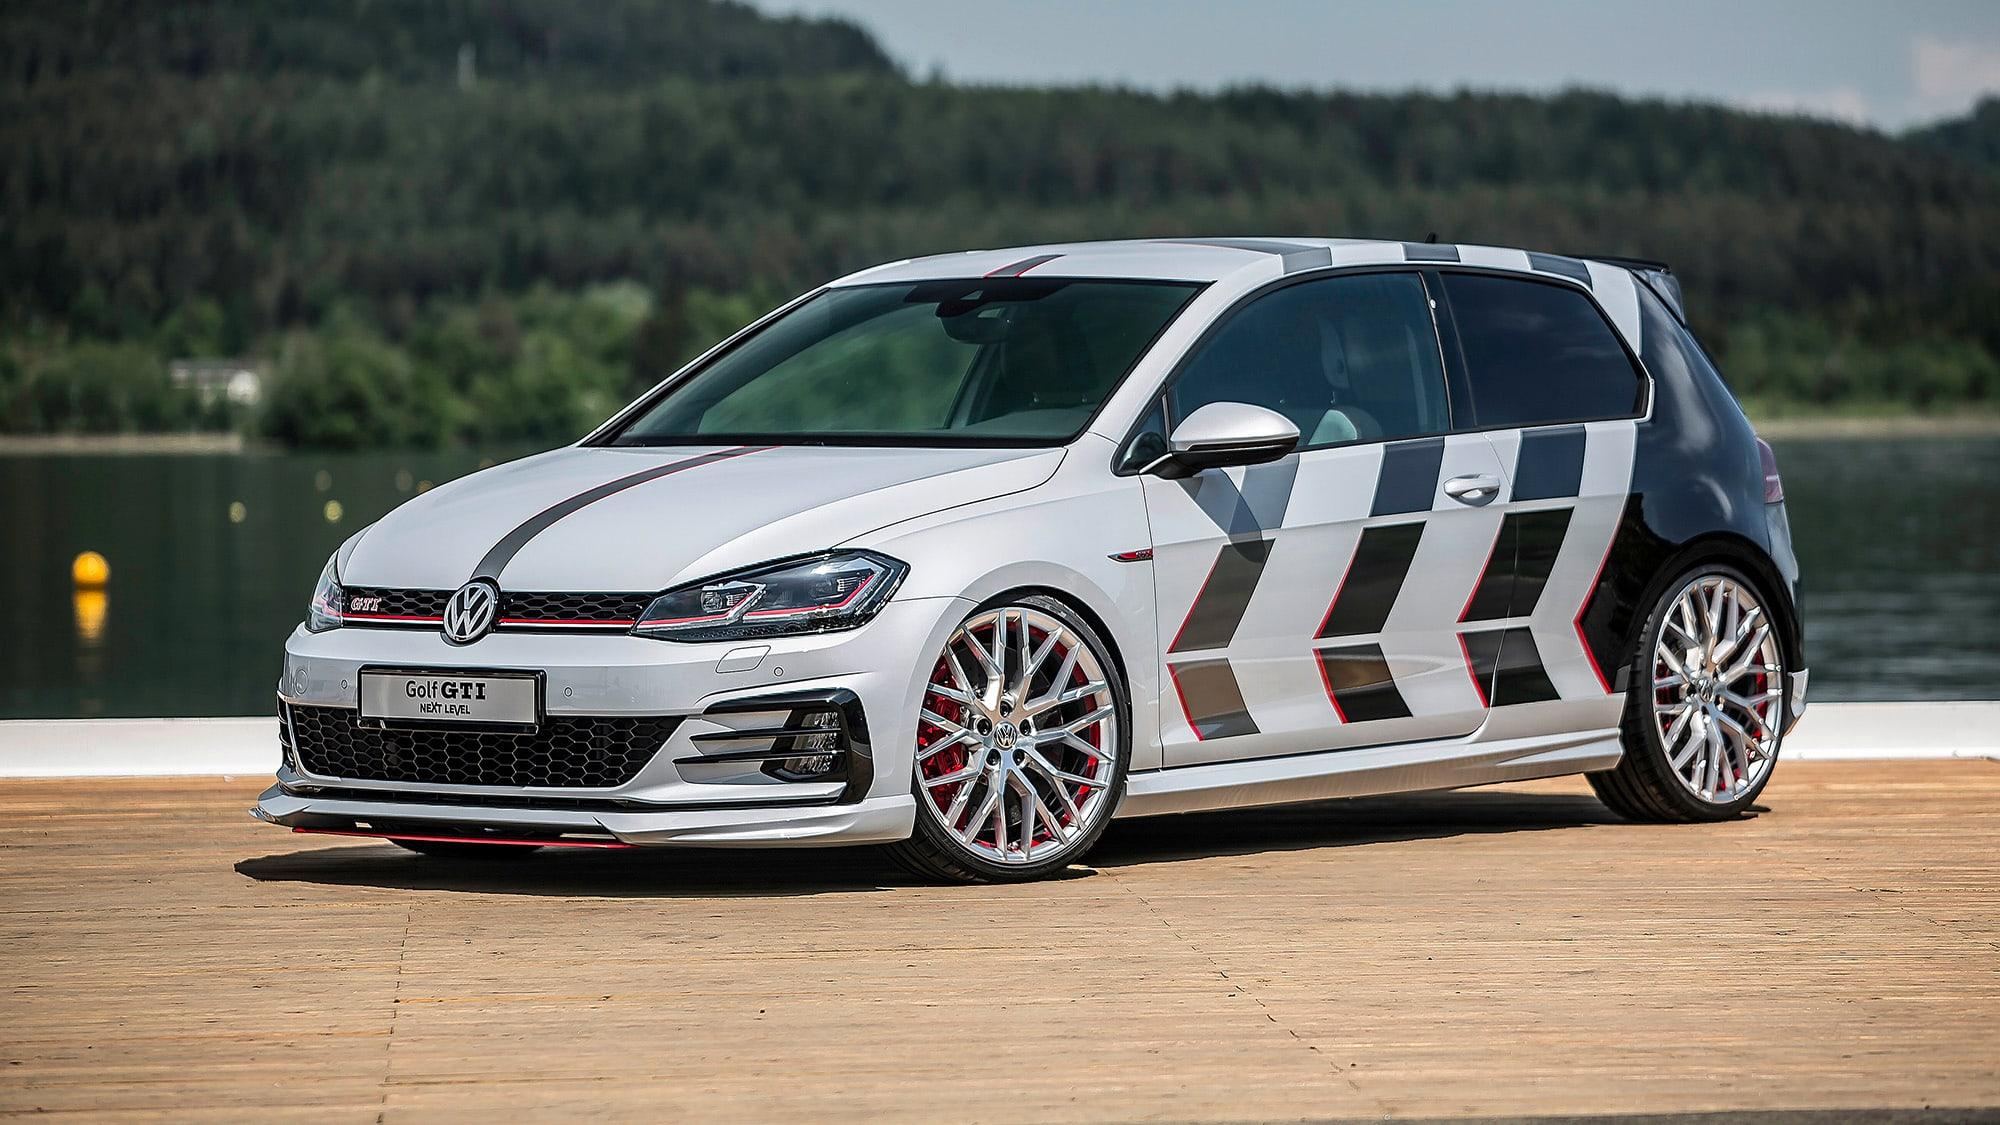 Volkswagen Golf GTI Next Level worthersee